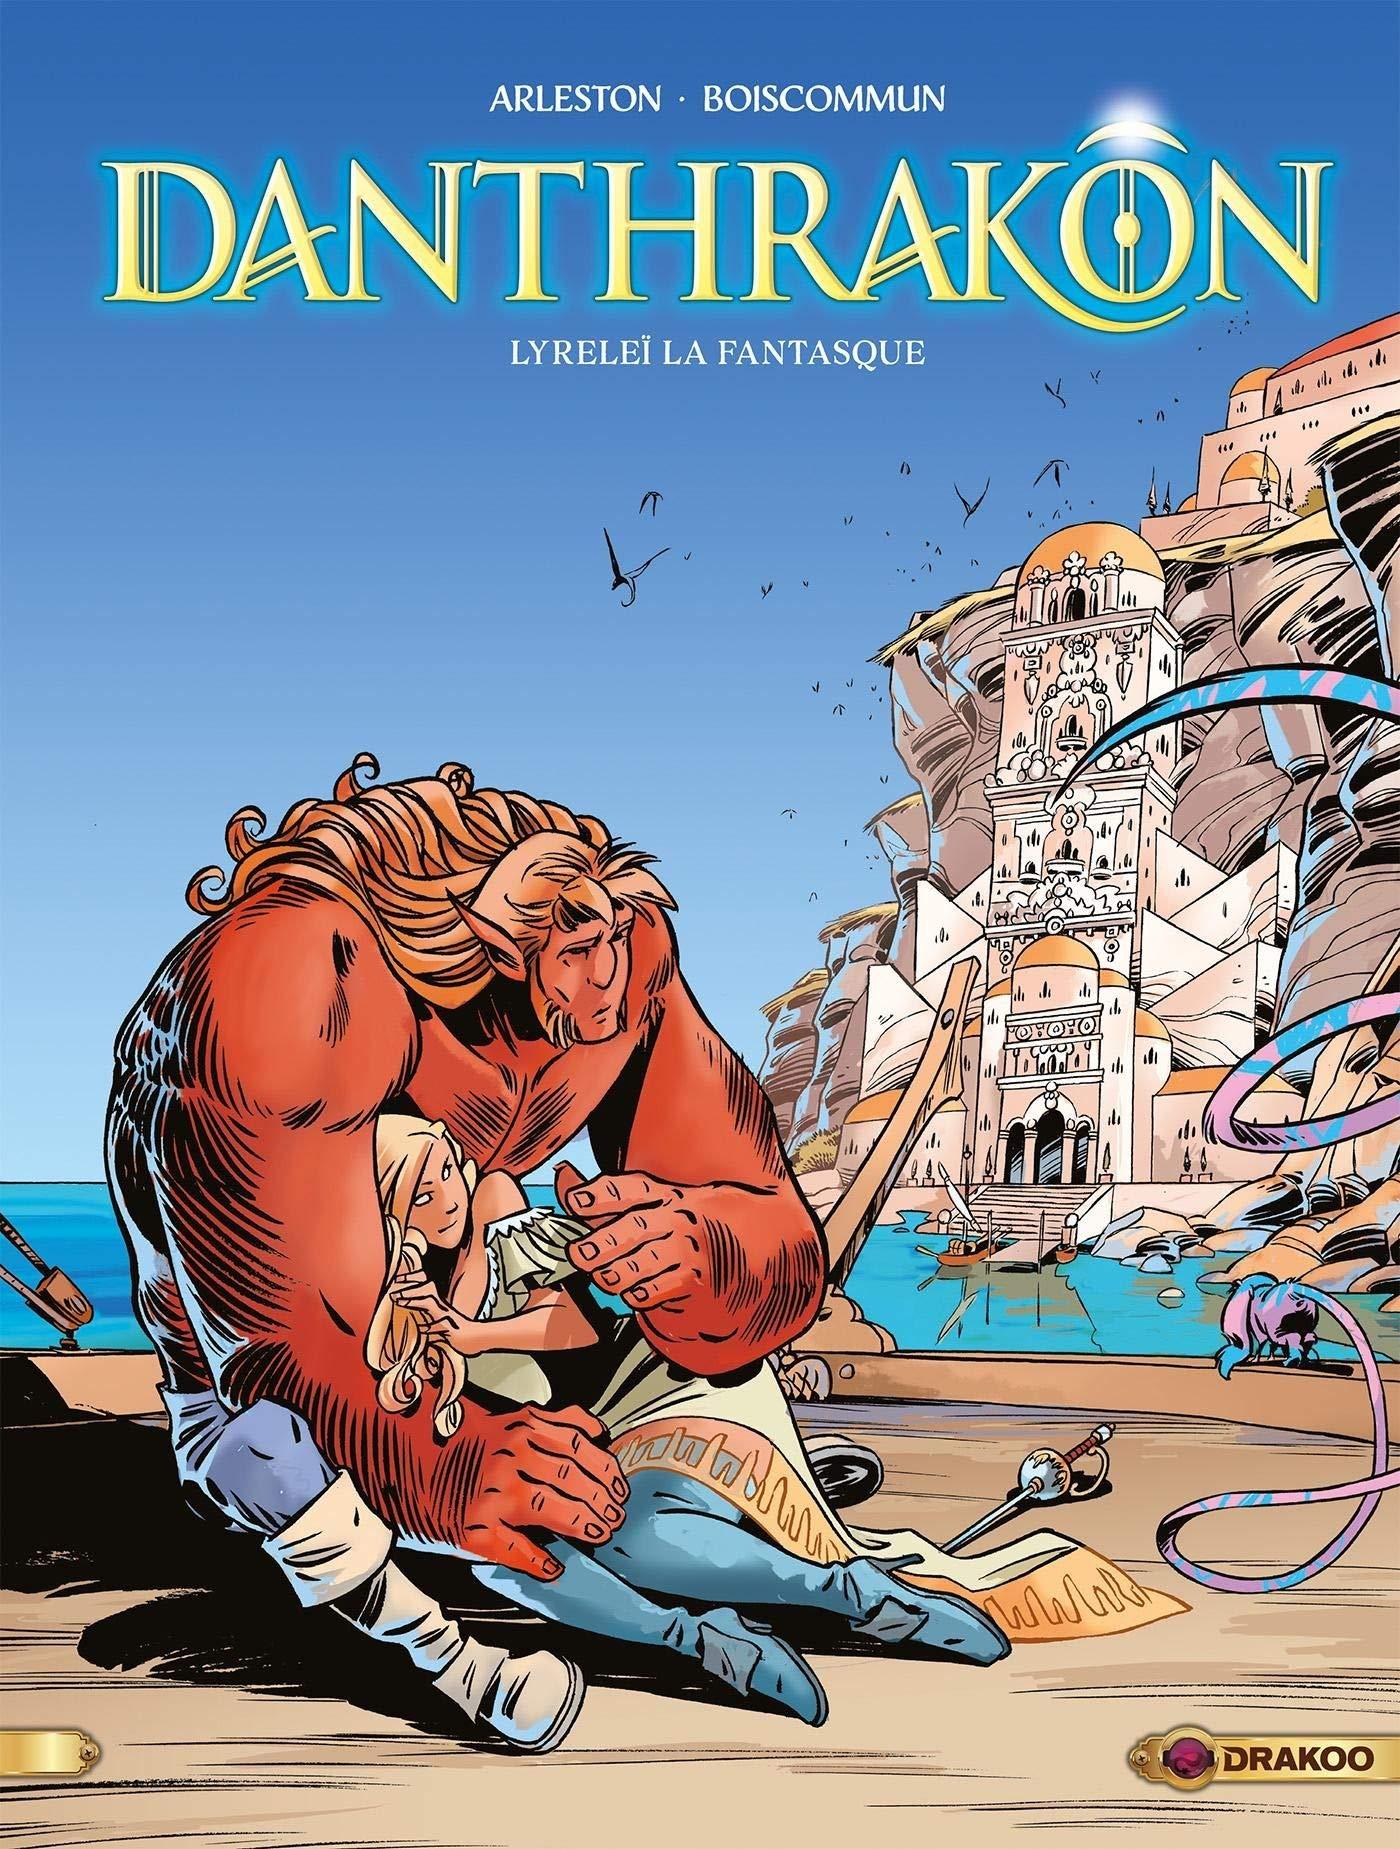 Danthrakon 2 - Lyreleï la fantasque